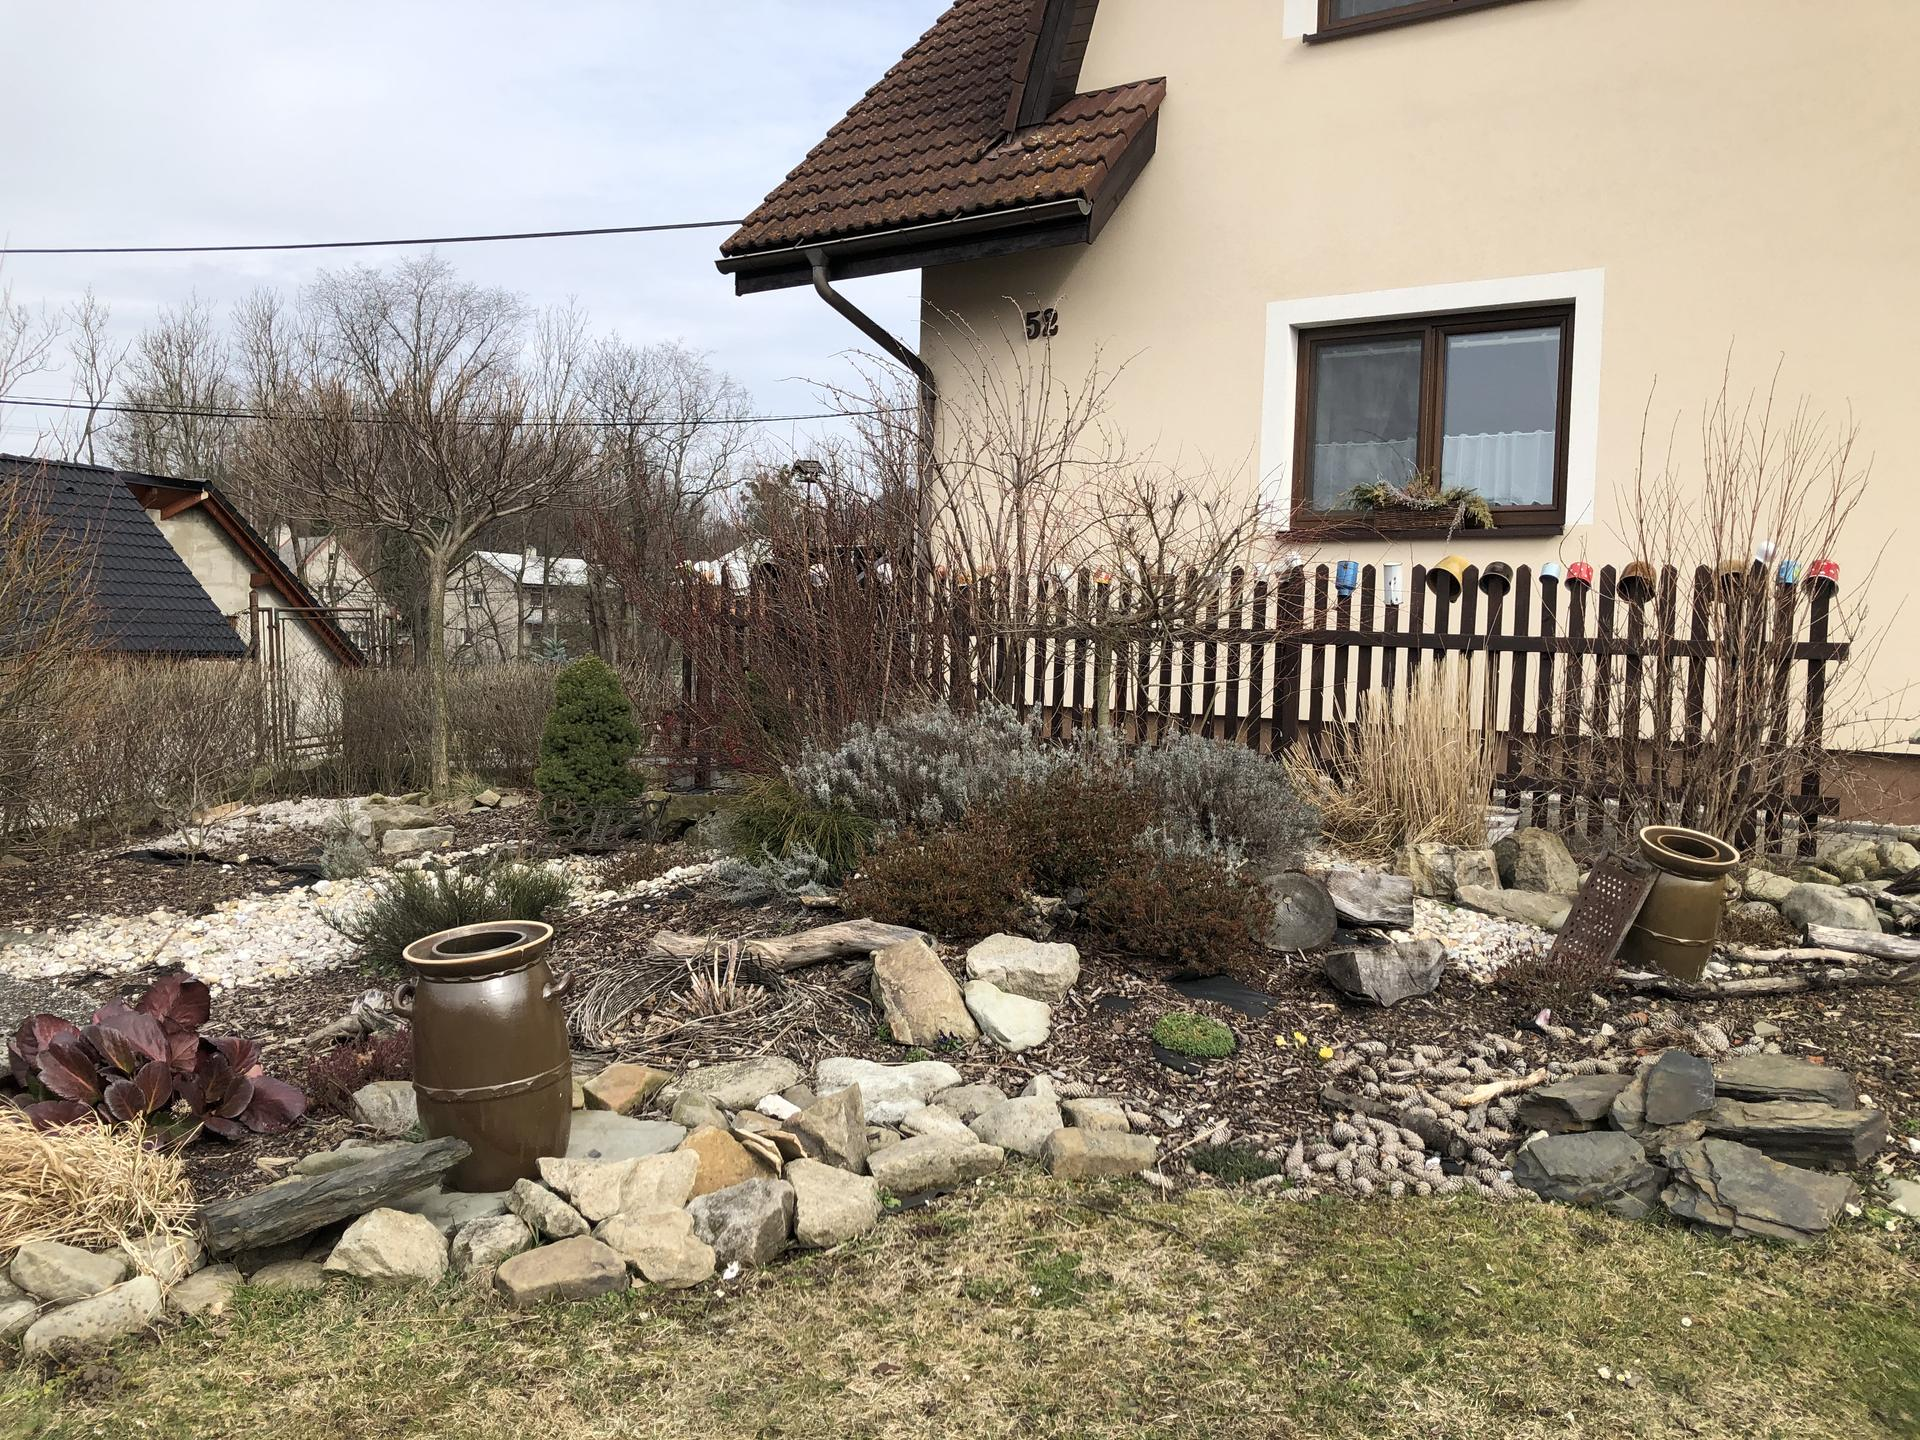 U nás doma a na zahradě 2020 - Obrázek č. 11